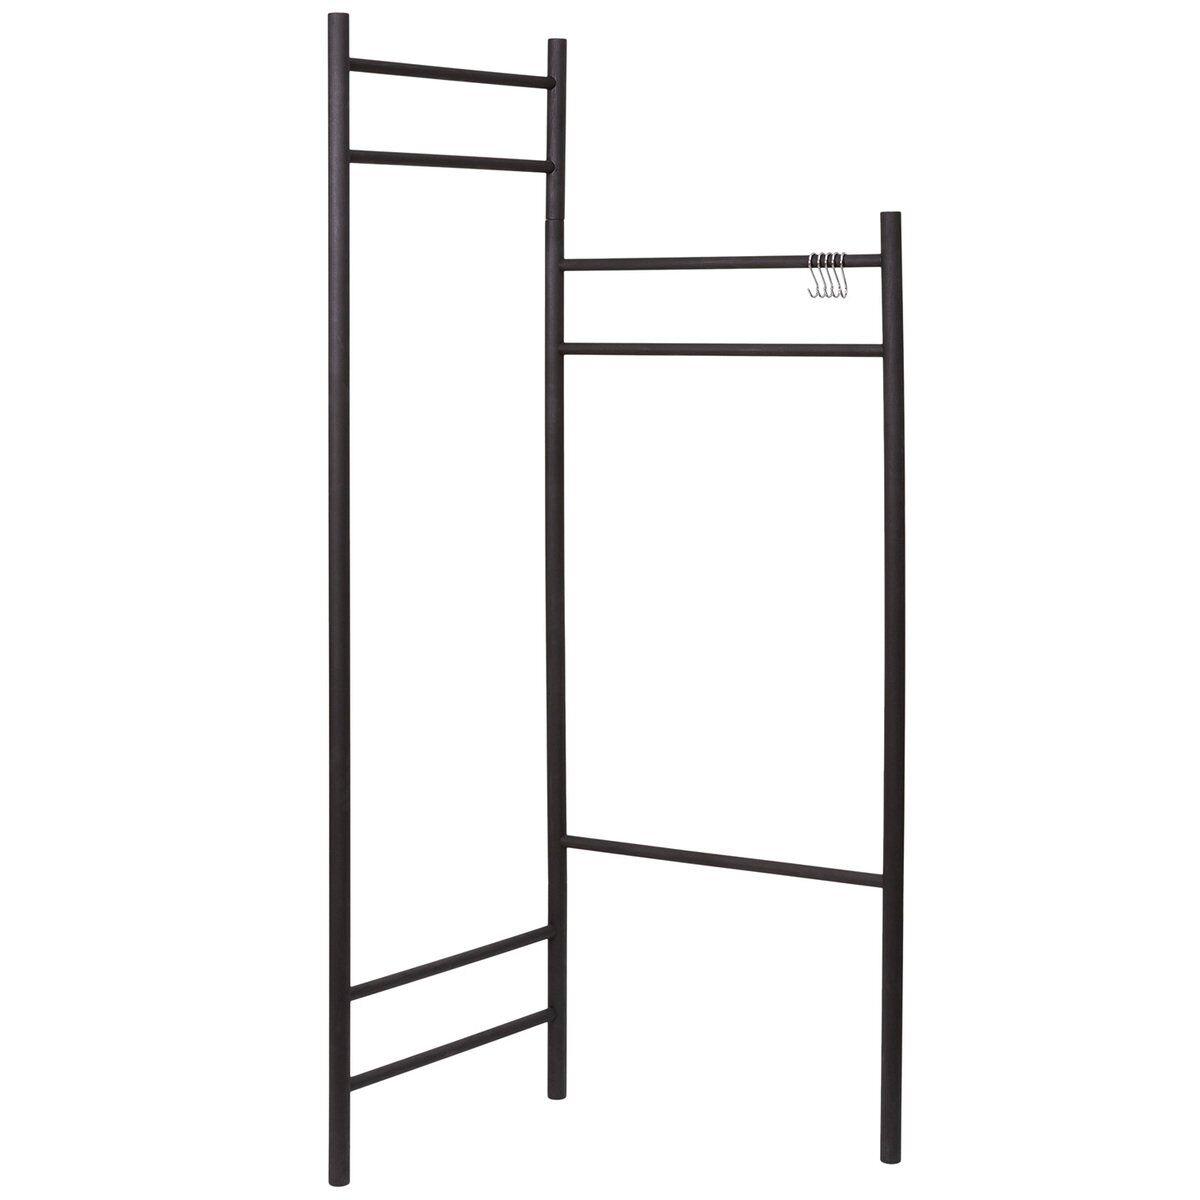 Verso Design Tikas clothes rack, black